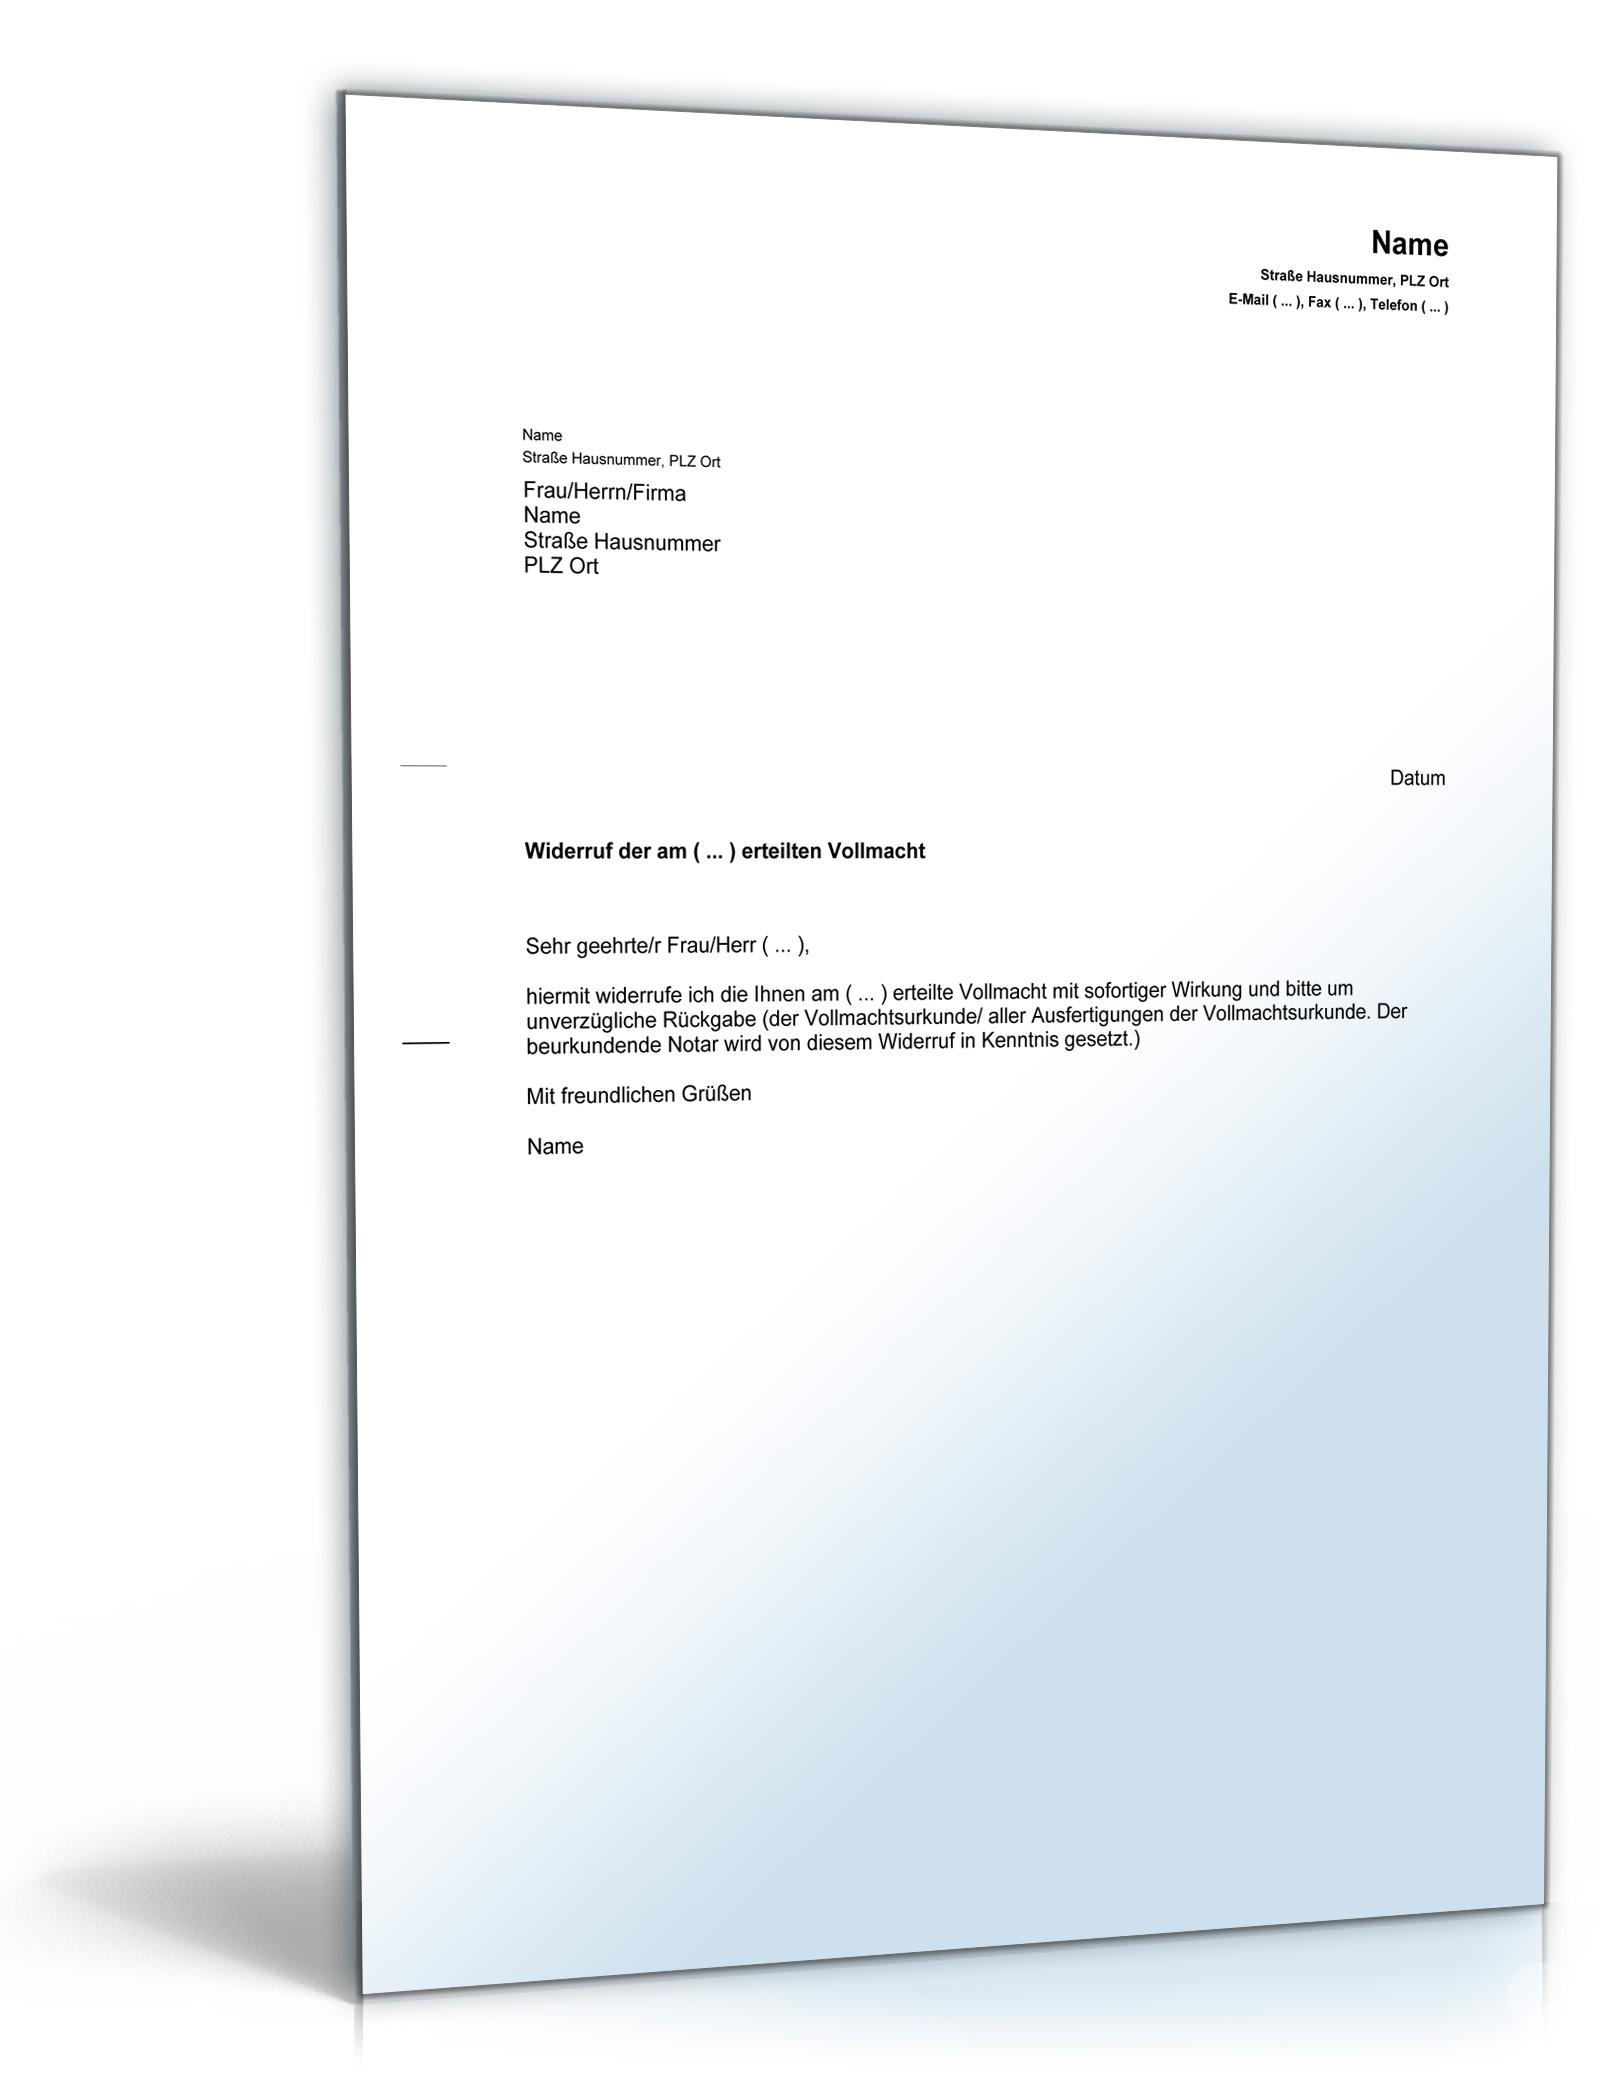 widerruf vollmacht pdf download amazonde software - Bankvollmacht Muster